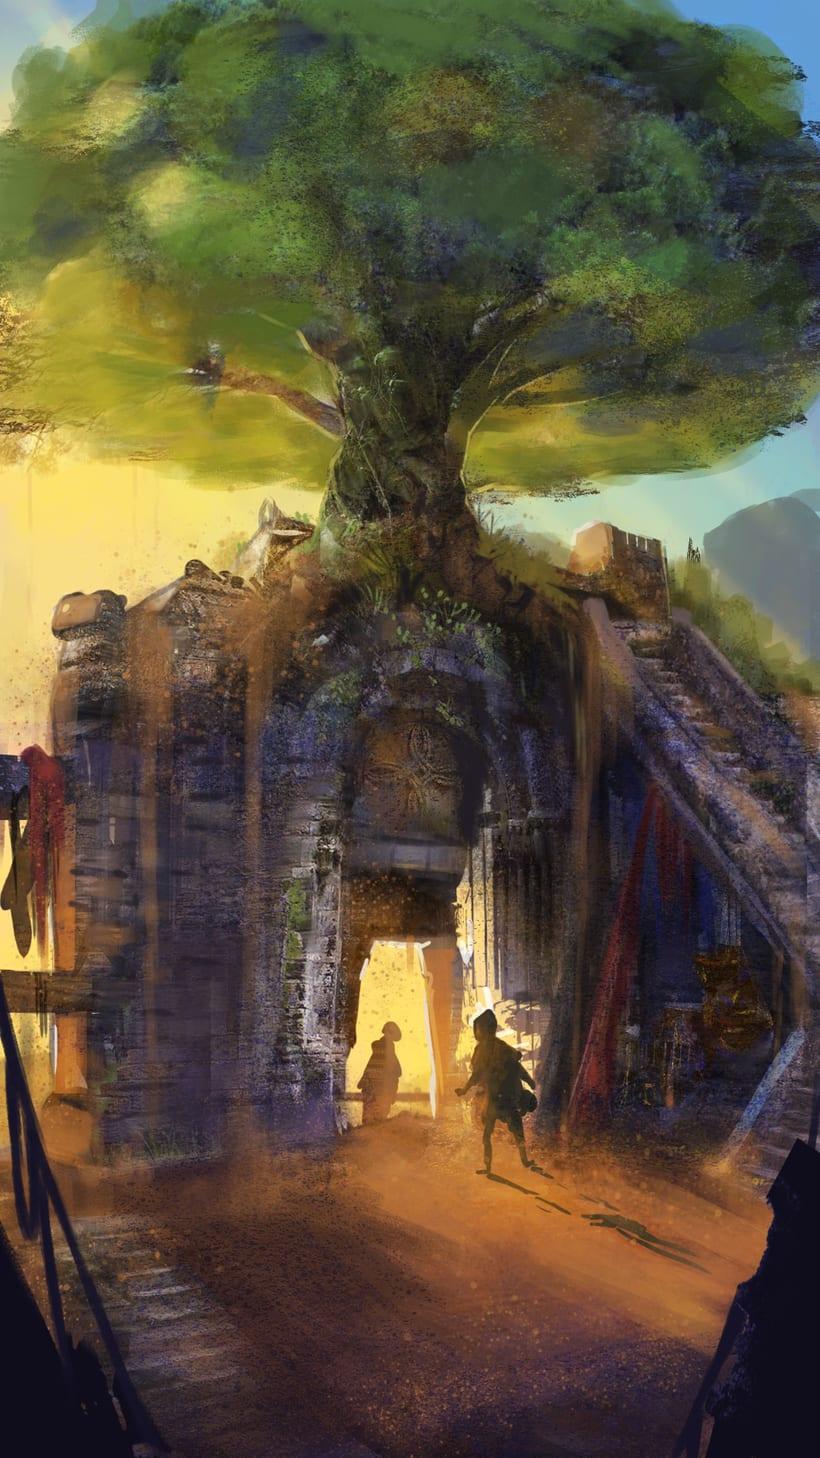 Mi Proyecto del curso: Concept art para videojuegos AAA 8